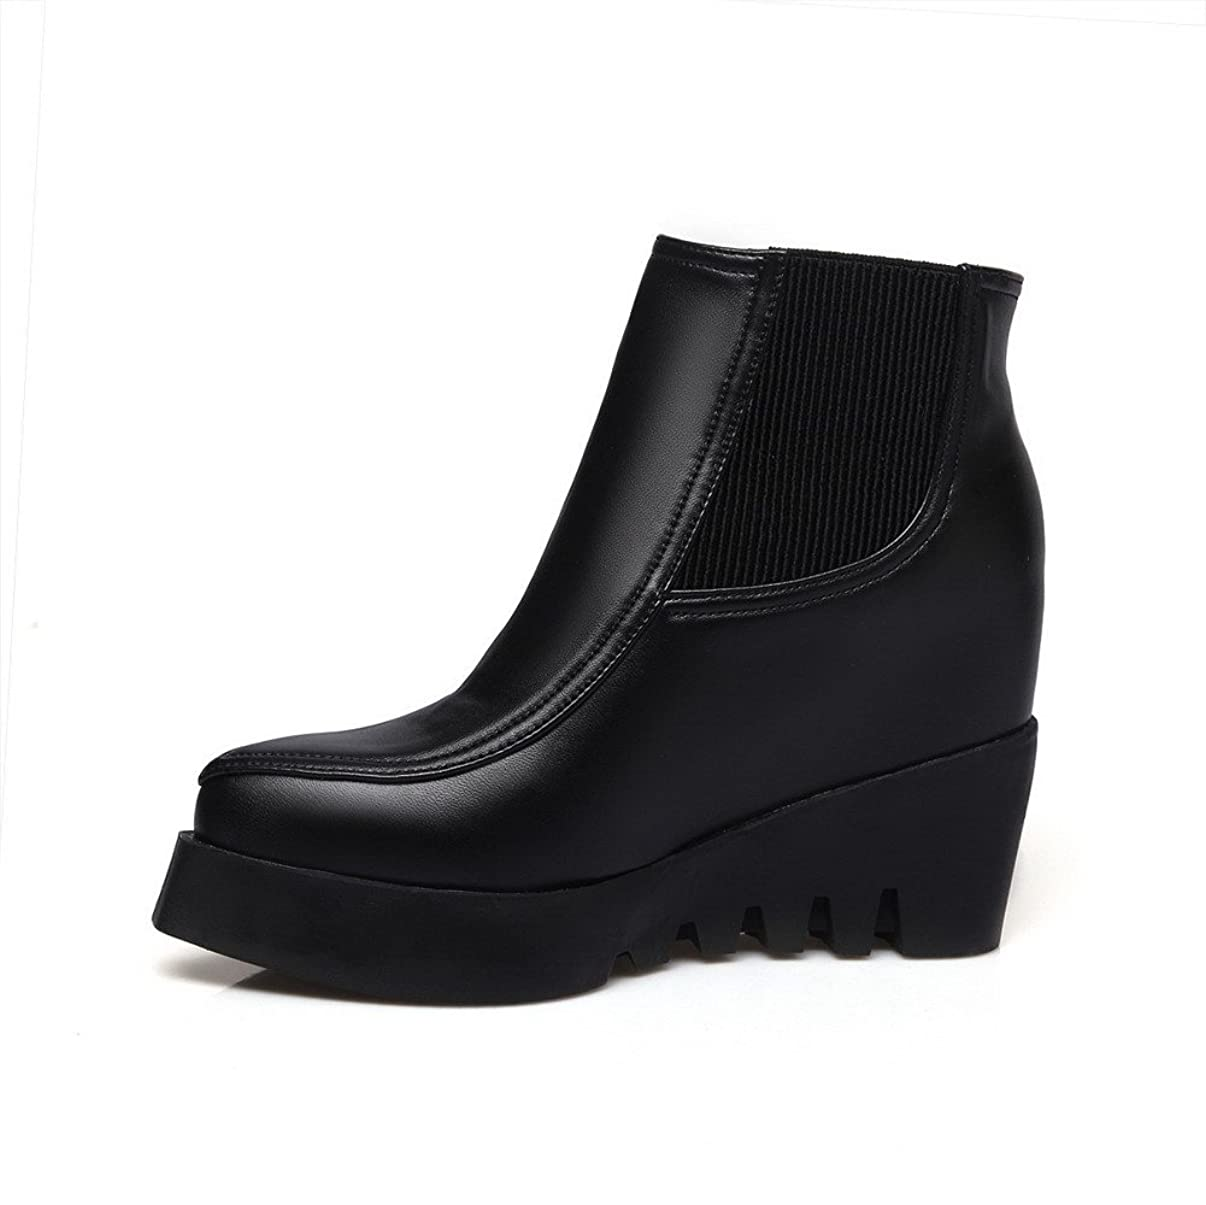 直接名義でハプニング[ヴォーグゾーン009] ウィメンズ インヒール ウェッジヒール 短靴 109903